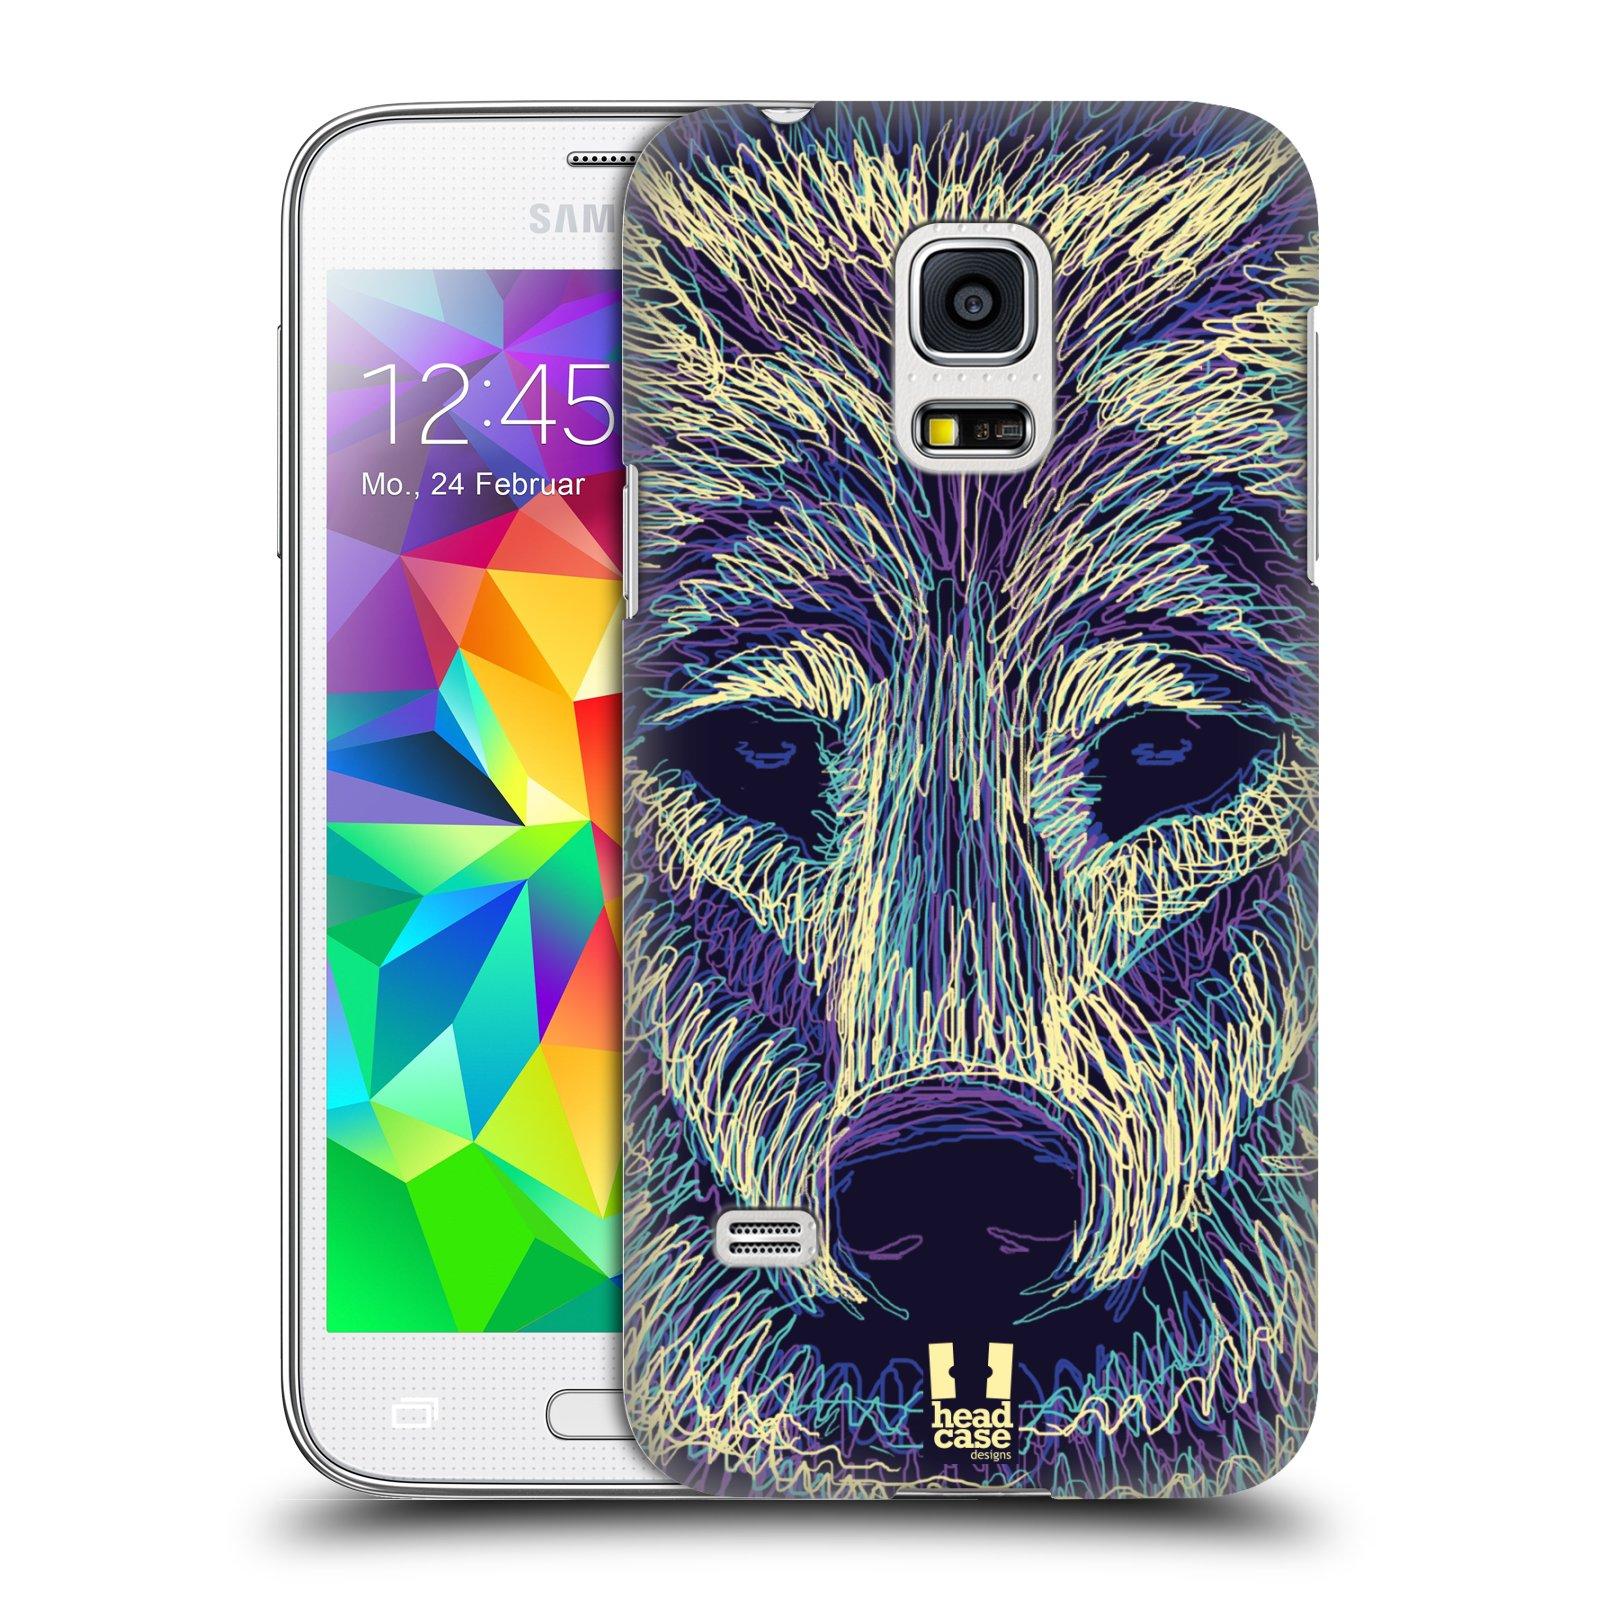 HEAD CASE plastový obal na mobil SAMSUNG Galaxy S5 MINI / S5 MINI DUOS vzor zvíře čmáranice vlk